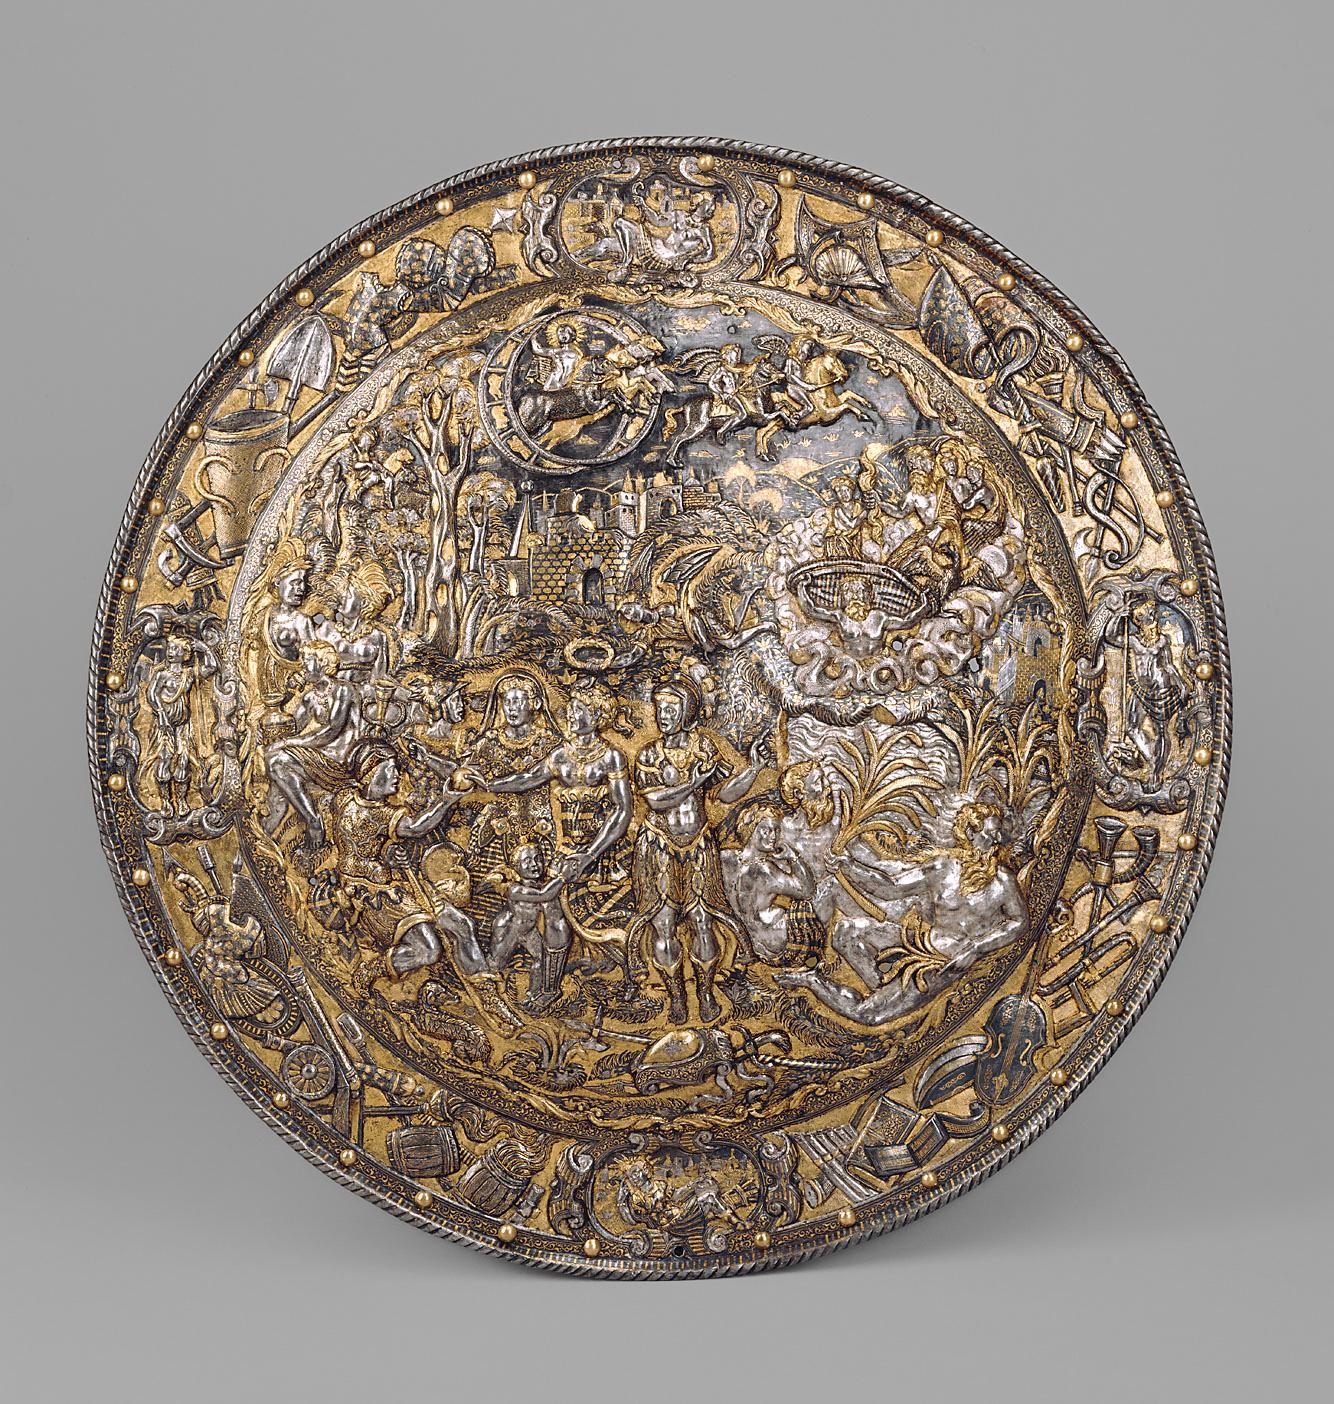 Rundschild aus einem all'antica Ensemble von Kaiser Maximilian II., Sohn des Ferdinand I. von Habsburg Österreich